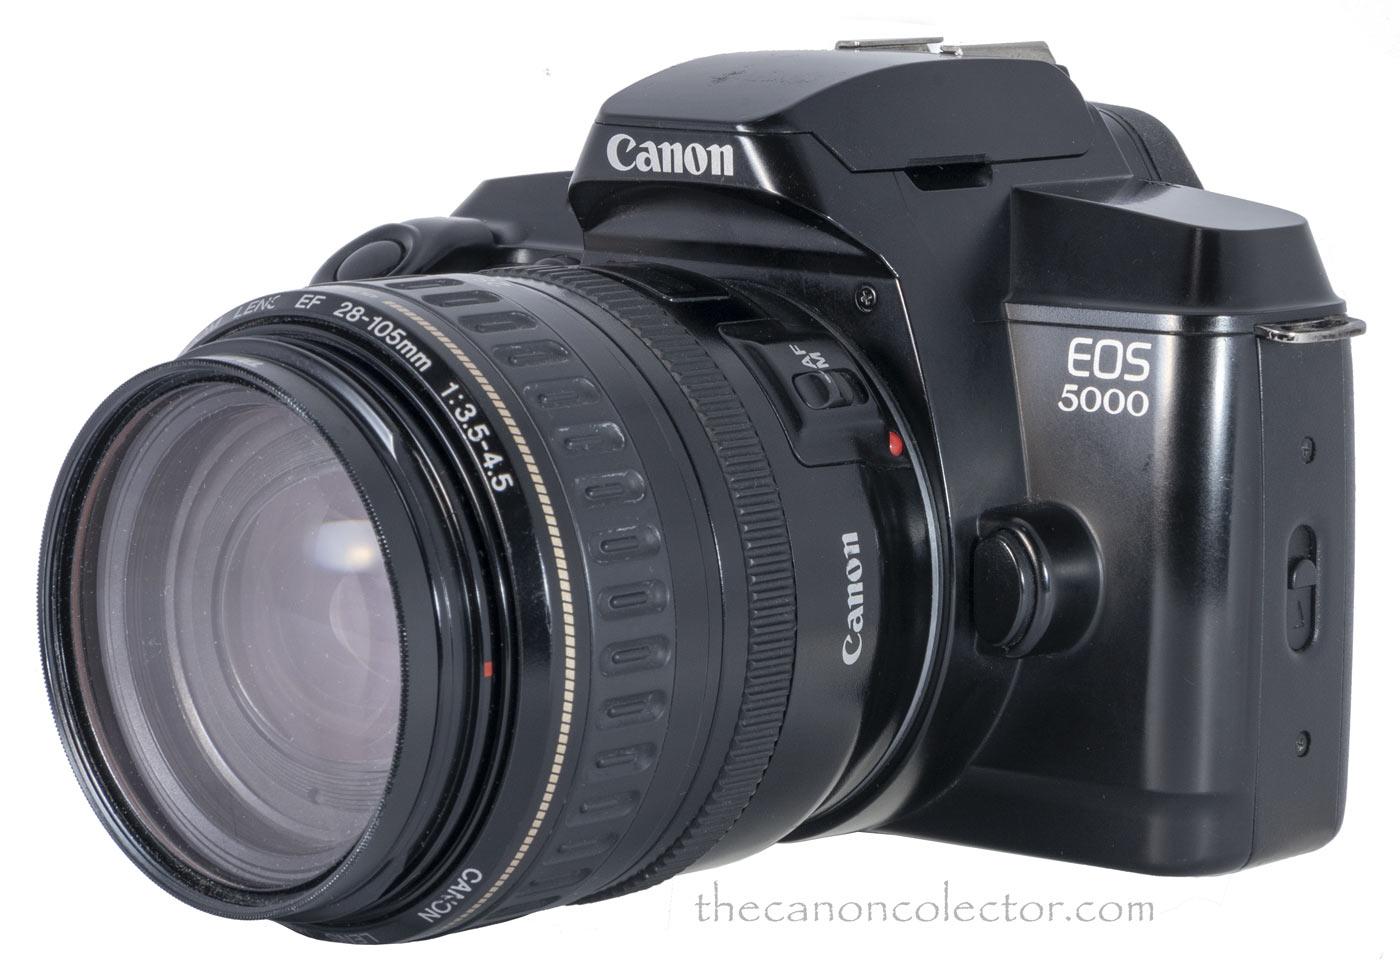 Canon EOS 5000